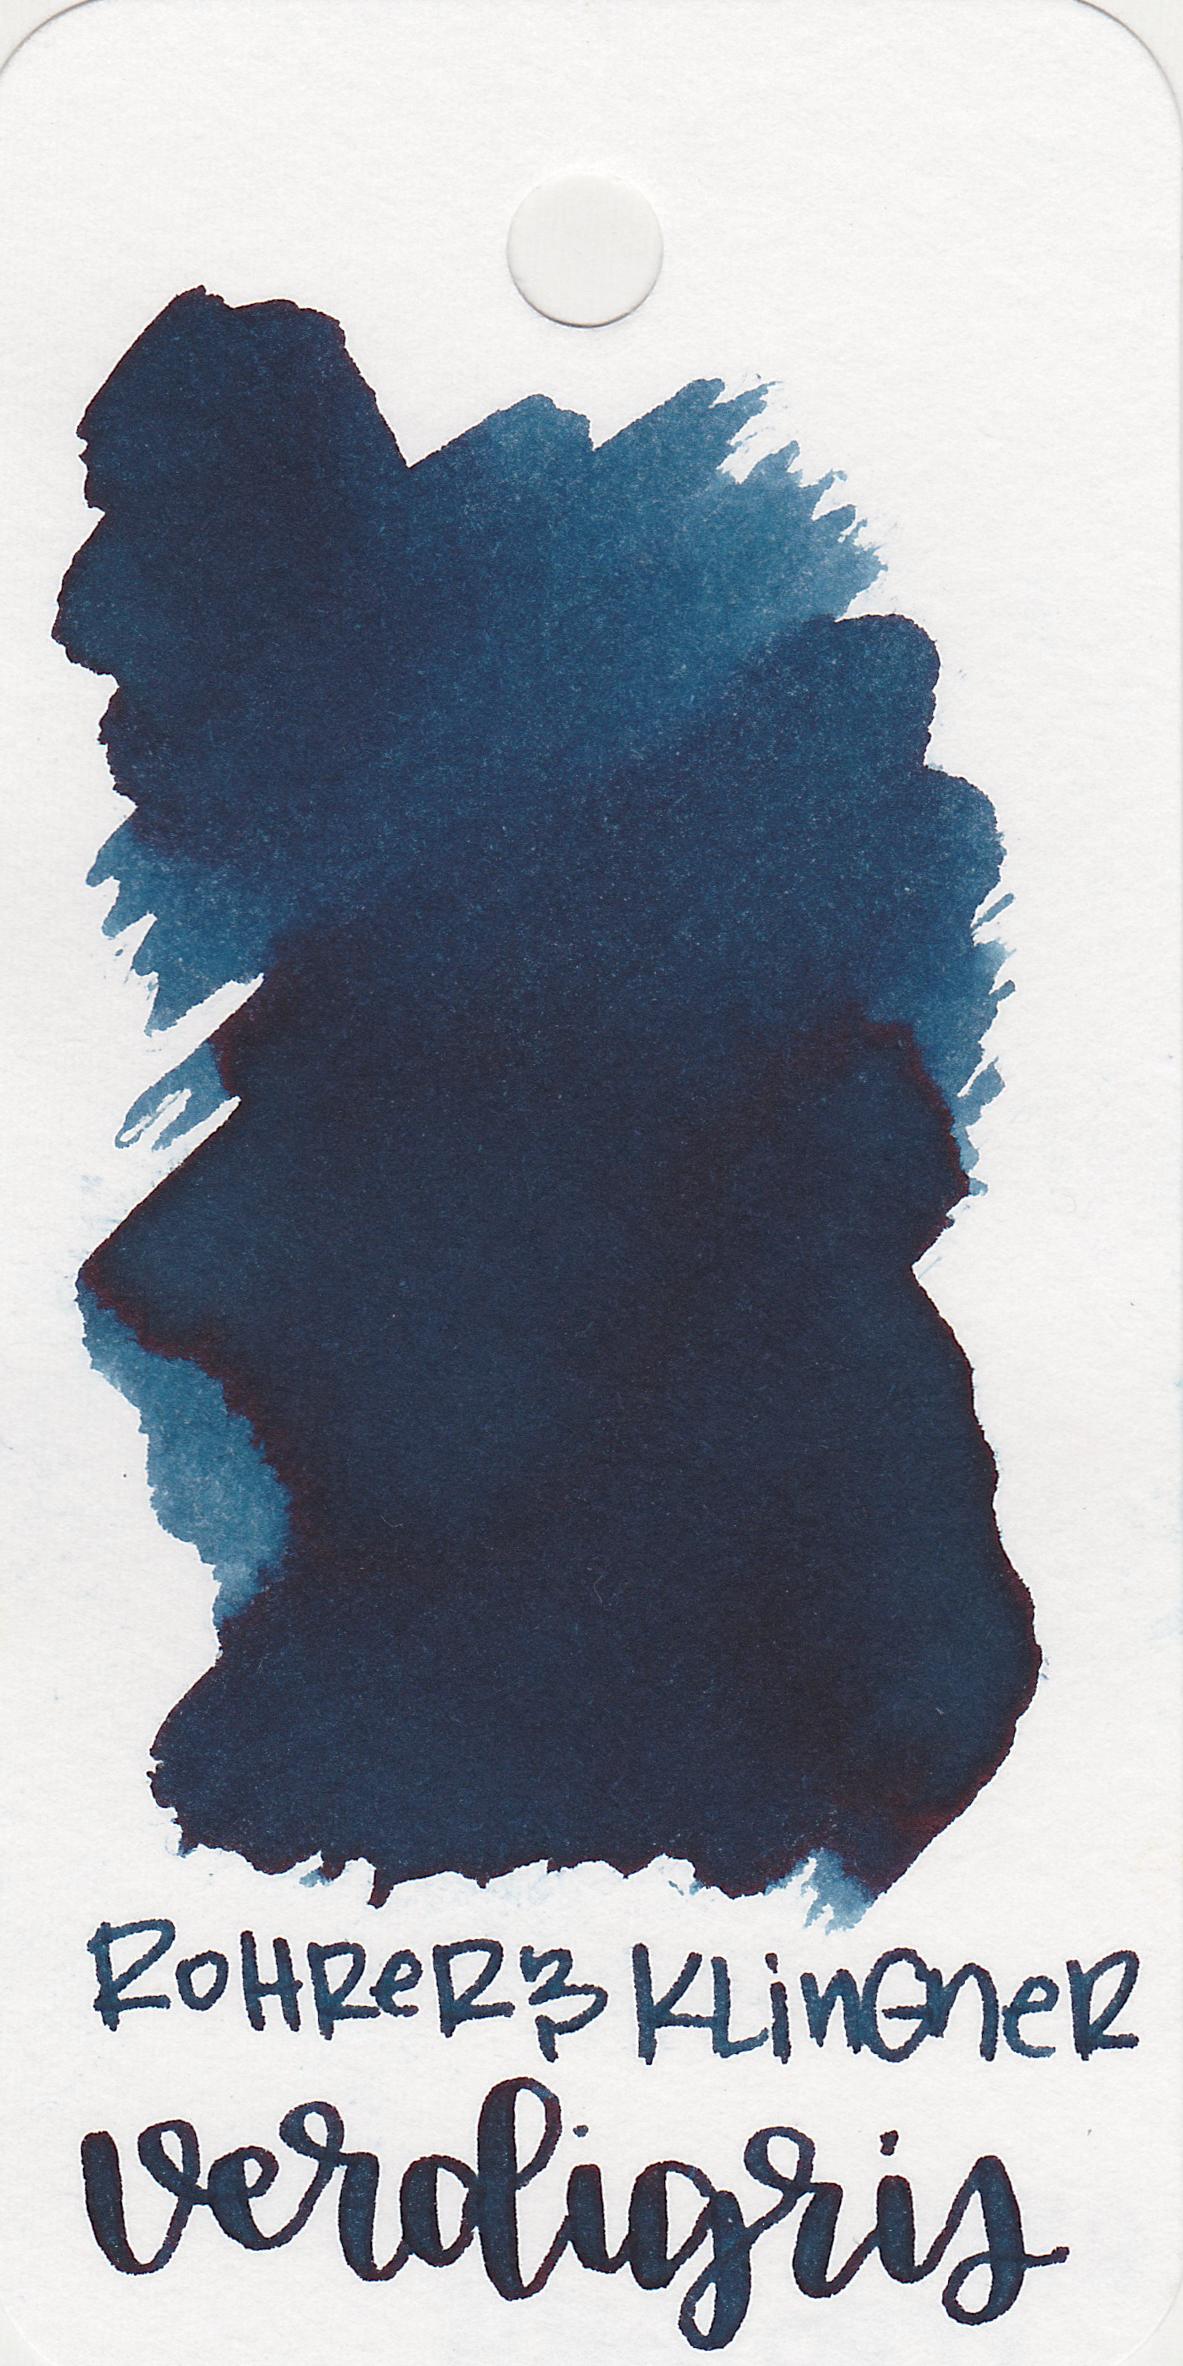 rk-verdigris-1.jpg